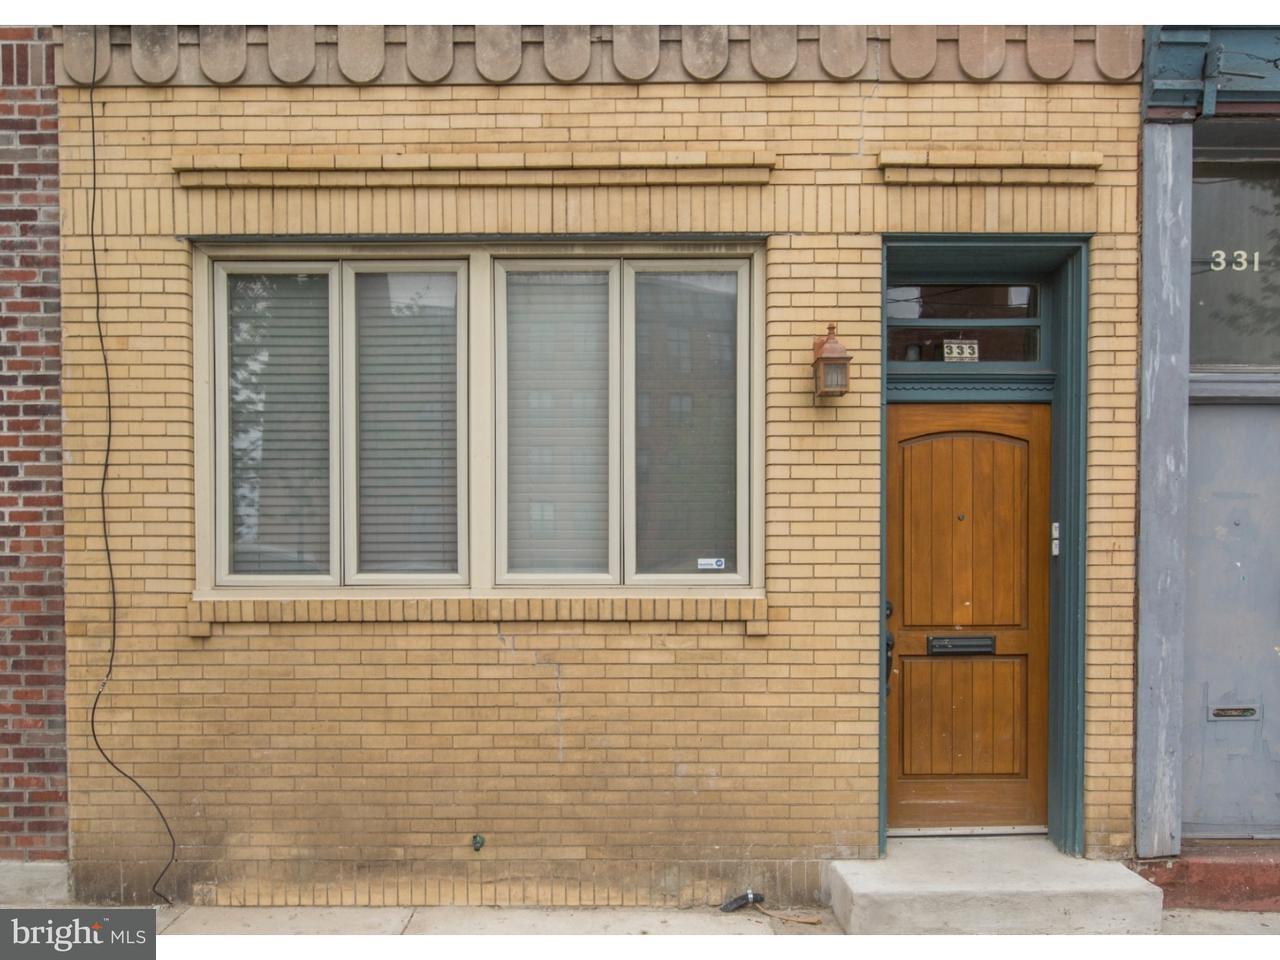 联栋屋 为 出租 在 333 W GIRARD AVE #2ND FL 费城, 宾夕法尼亚州 19123 美国